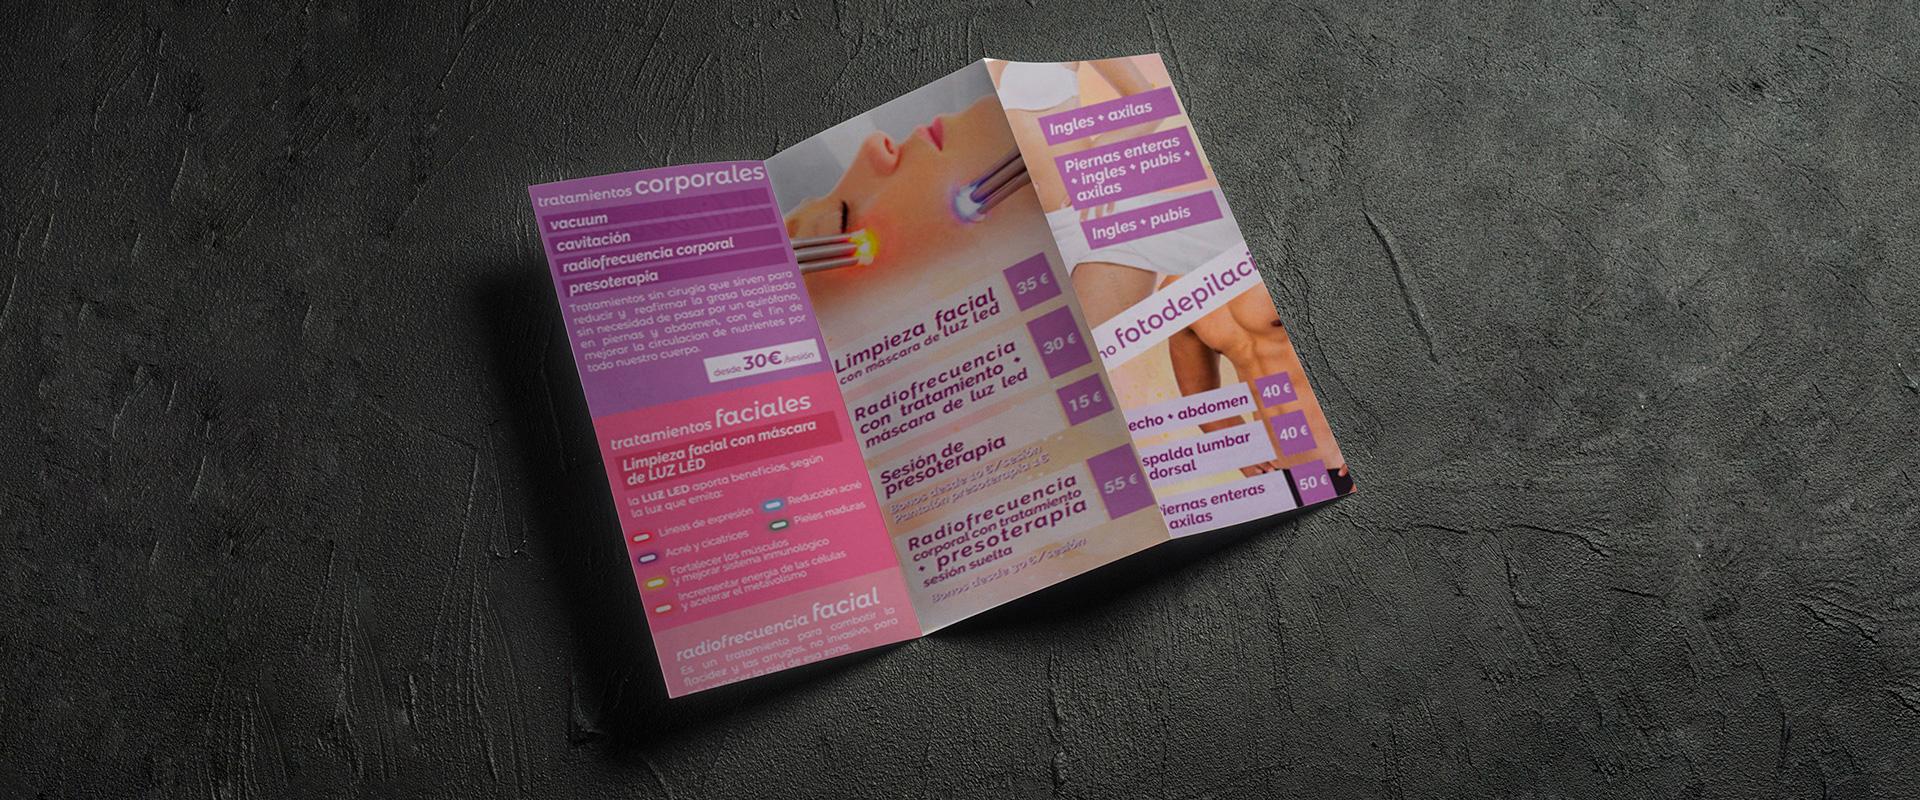 slider-flyers-folletos